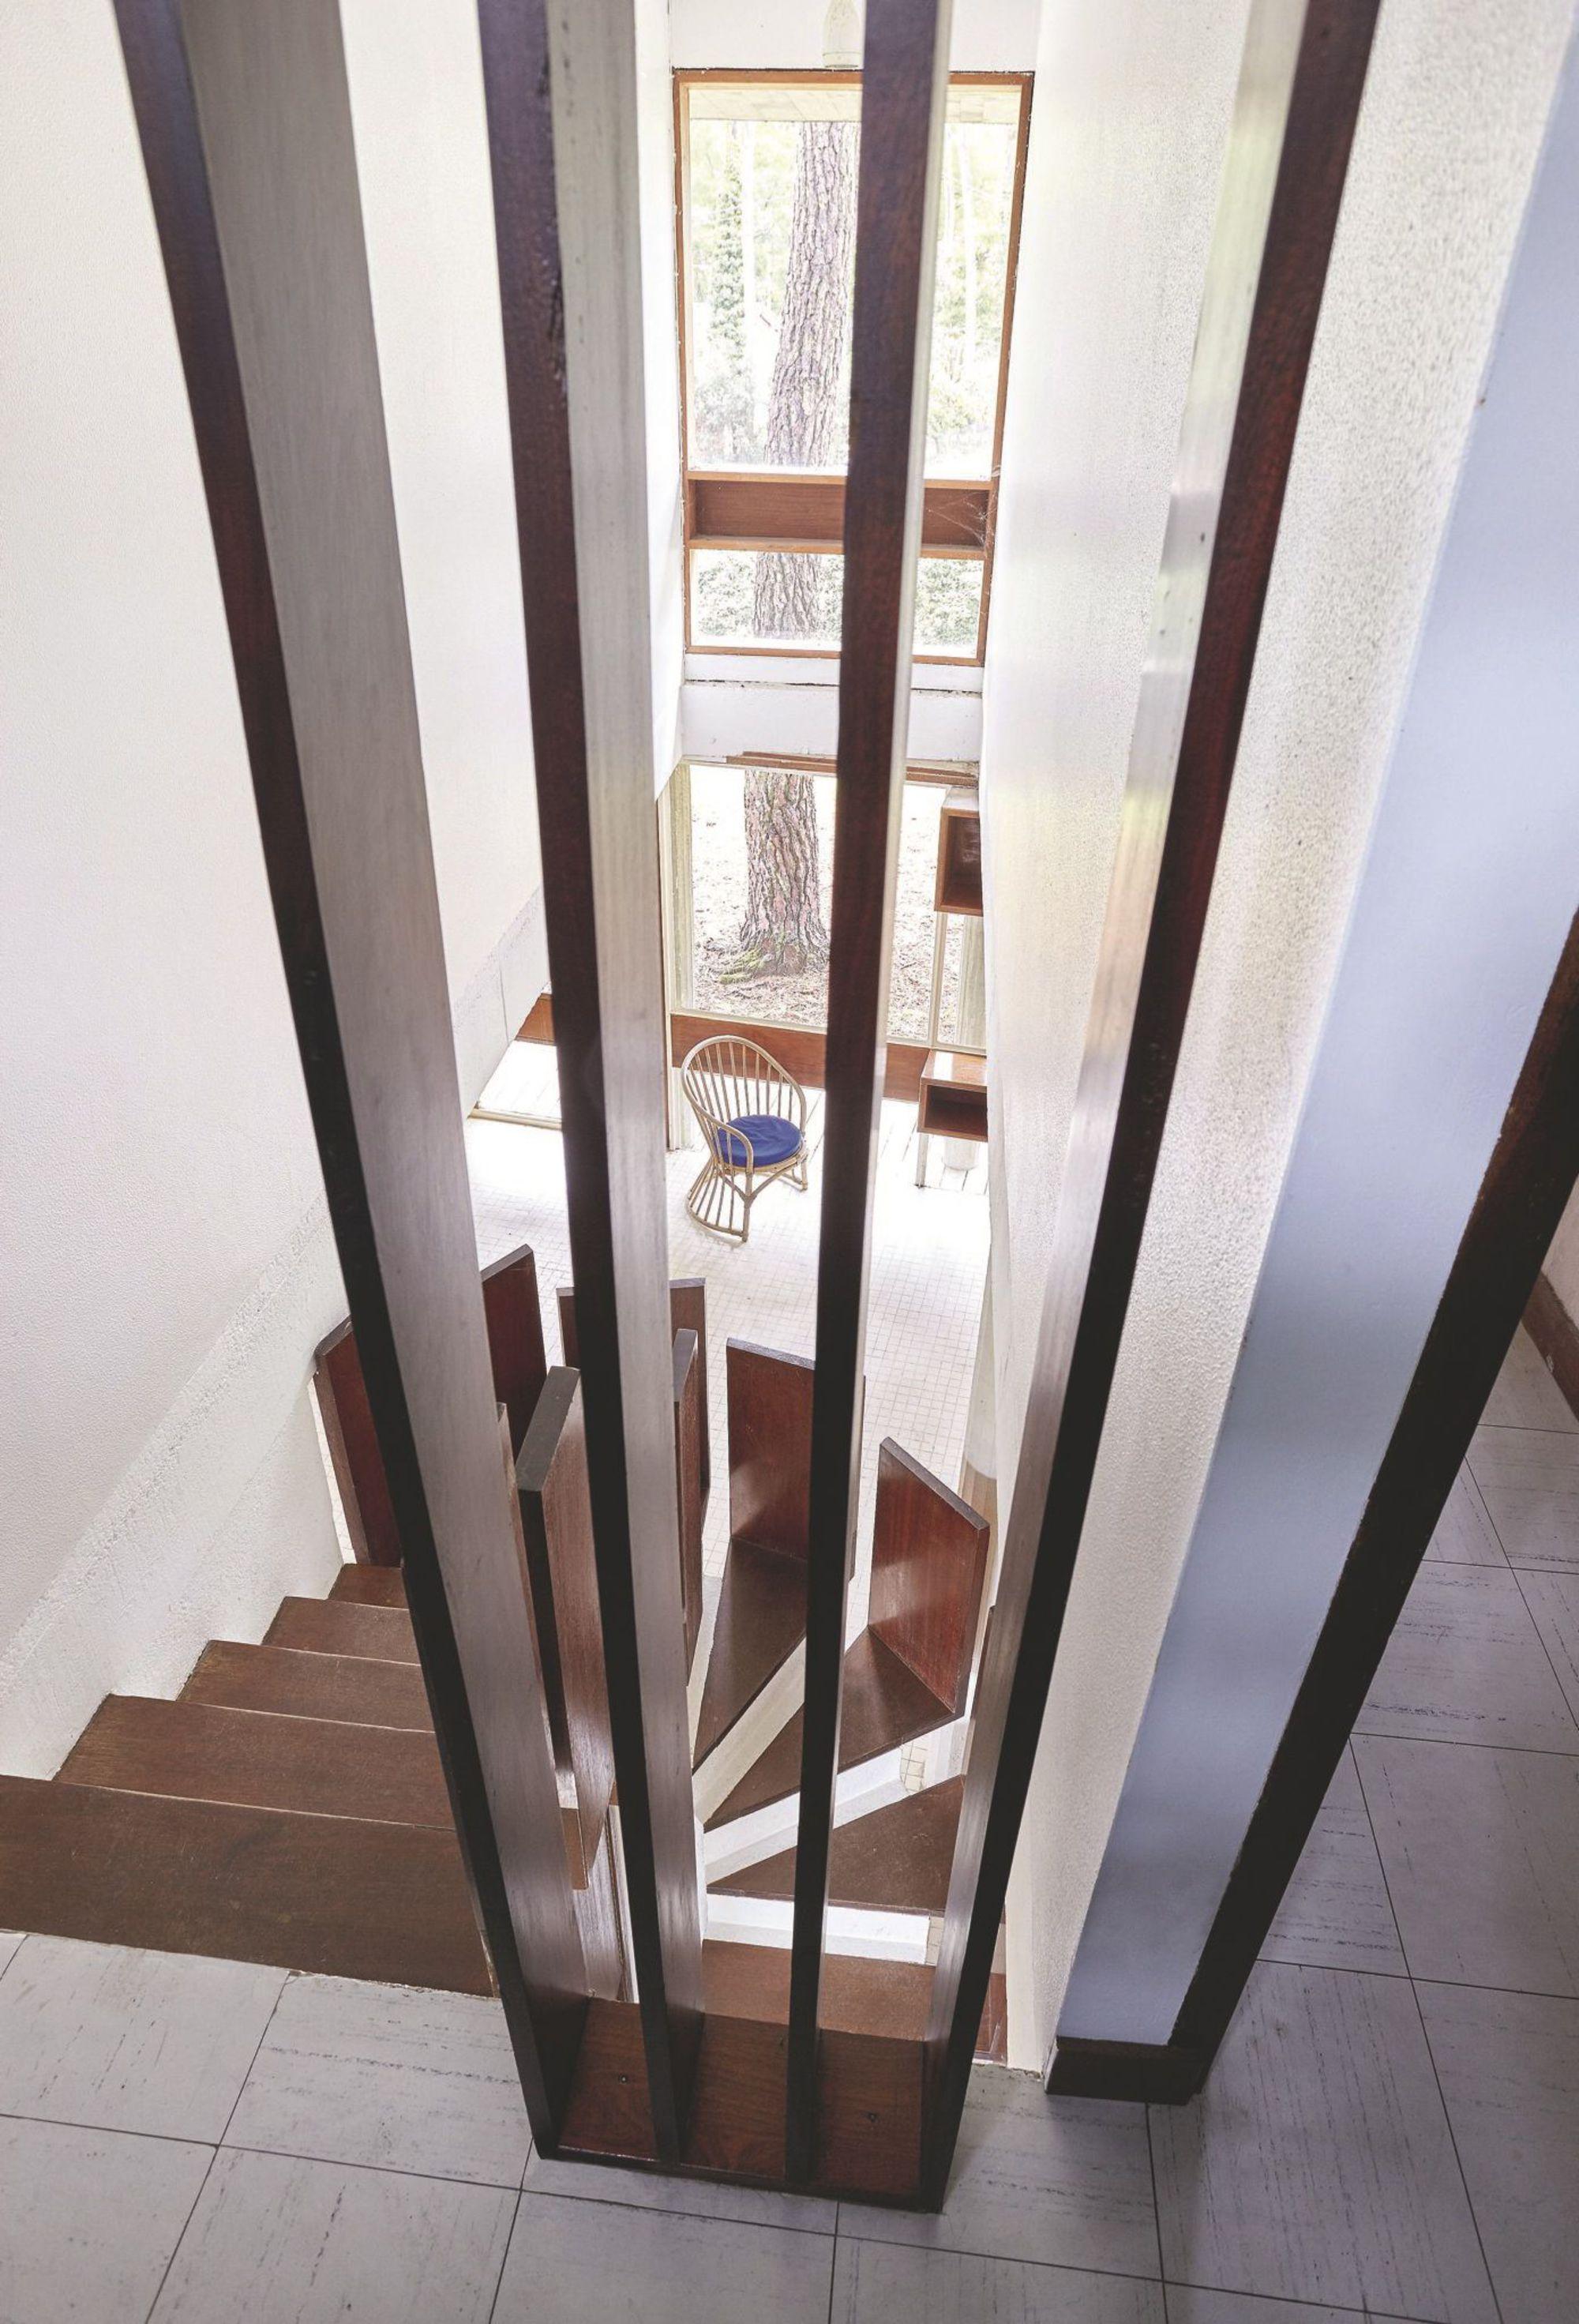 André Wogenscky_une-rambarde-d-escalier-qui-joue-avec-les-lignes_5361347.jpg